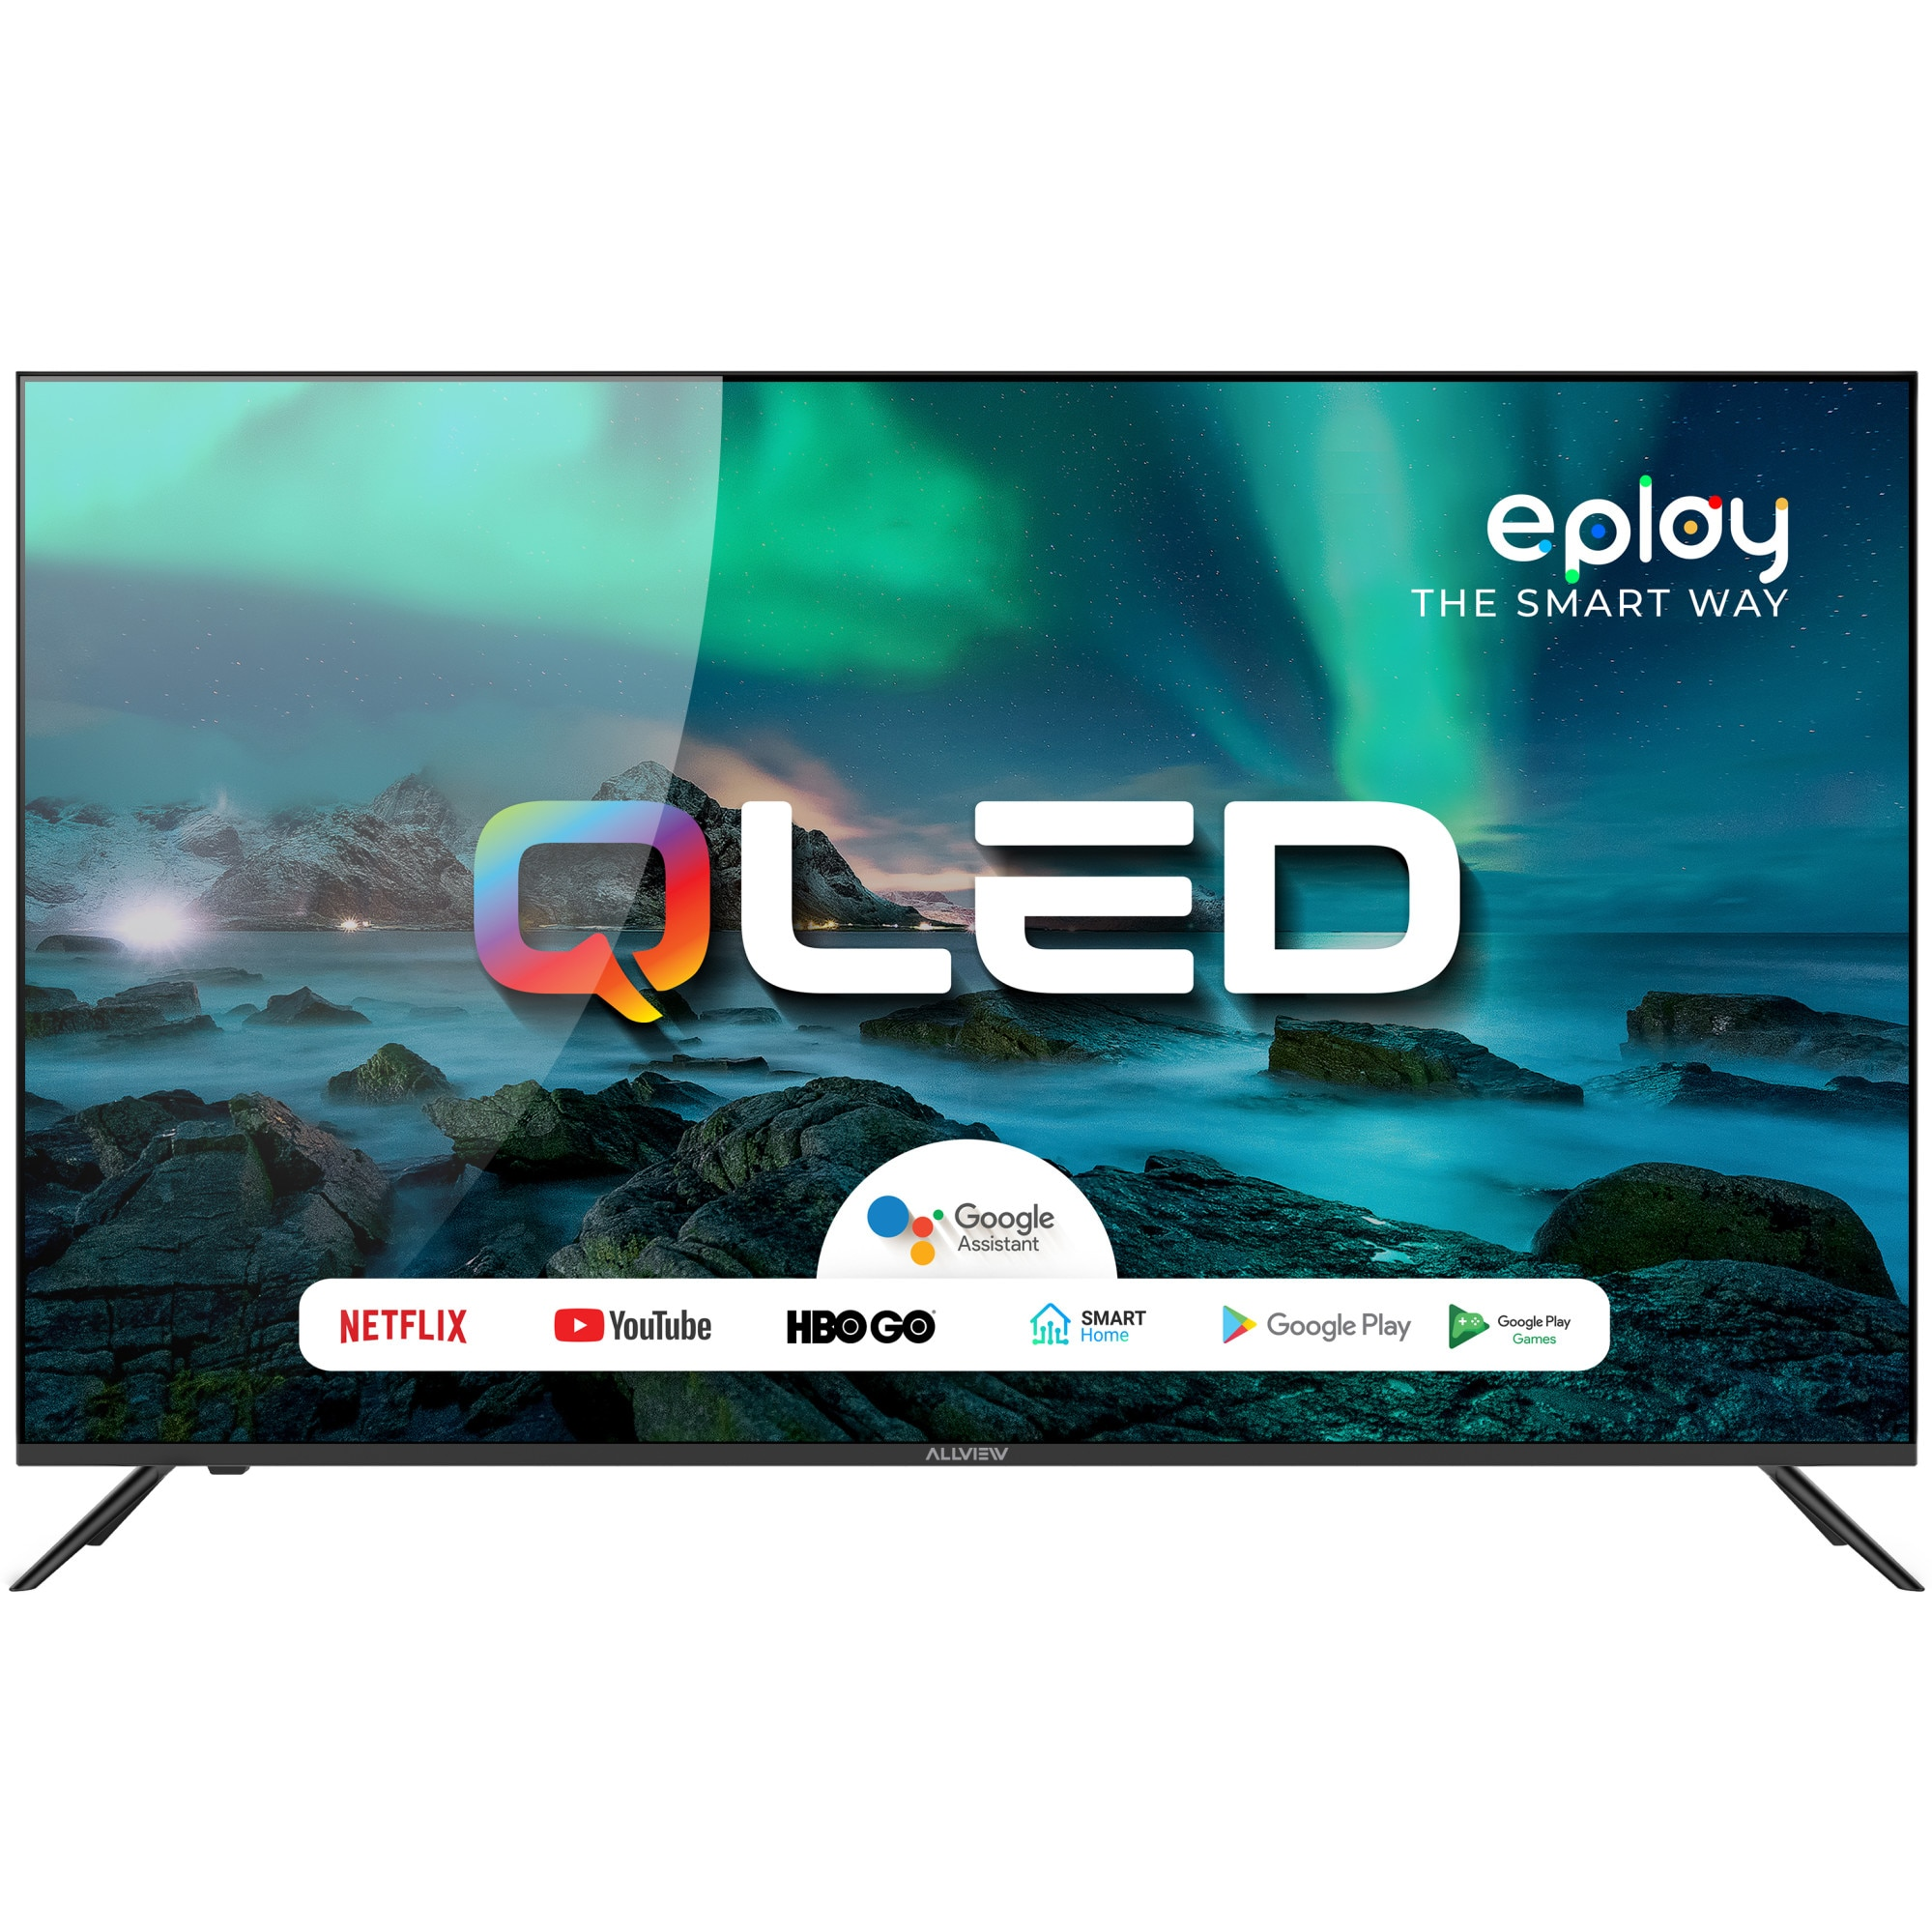 Fotografie Televizor Allview QL50Eplay6100-U, 126 cm, Smart, 4K Ultra HD, QLED, Clasa G